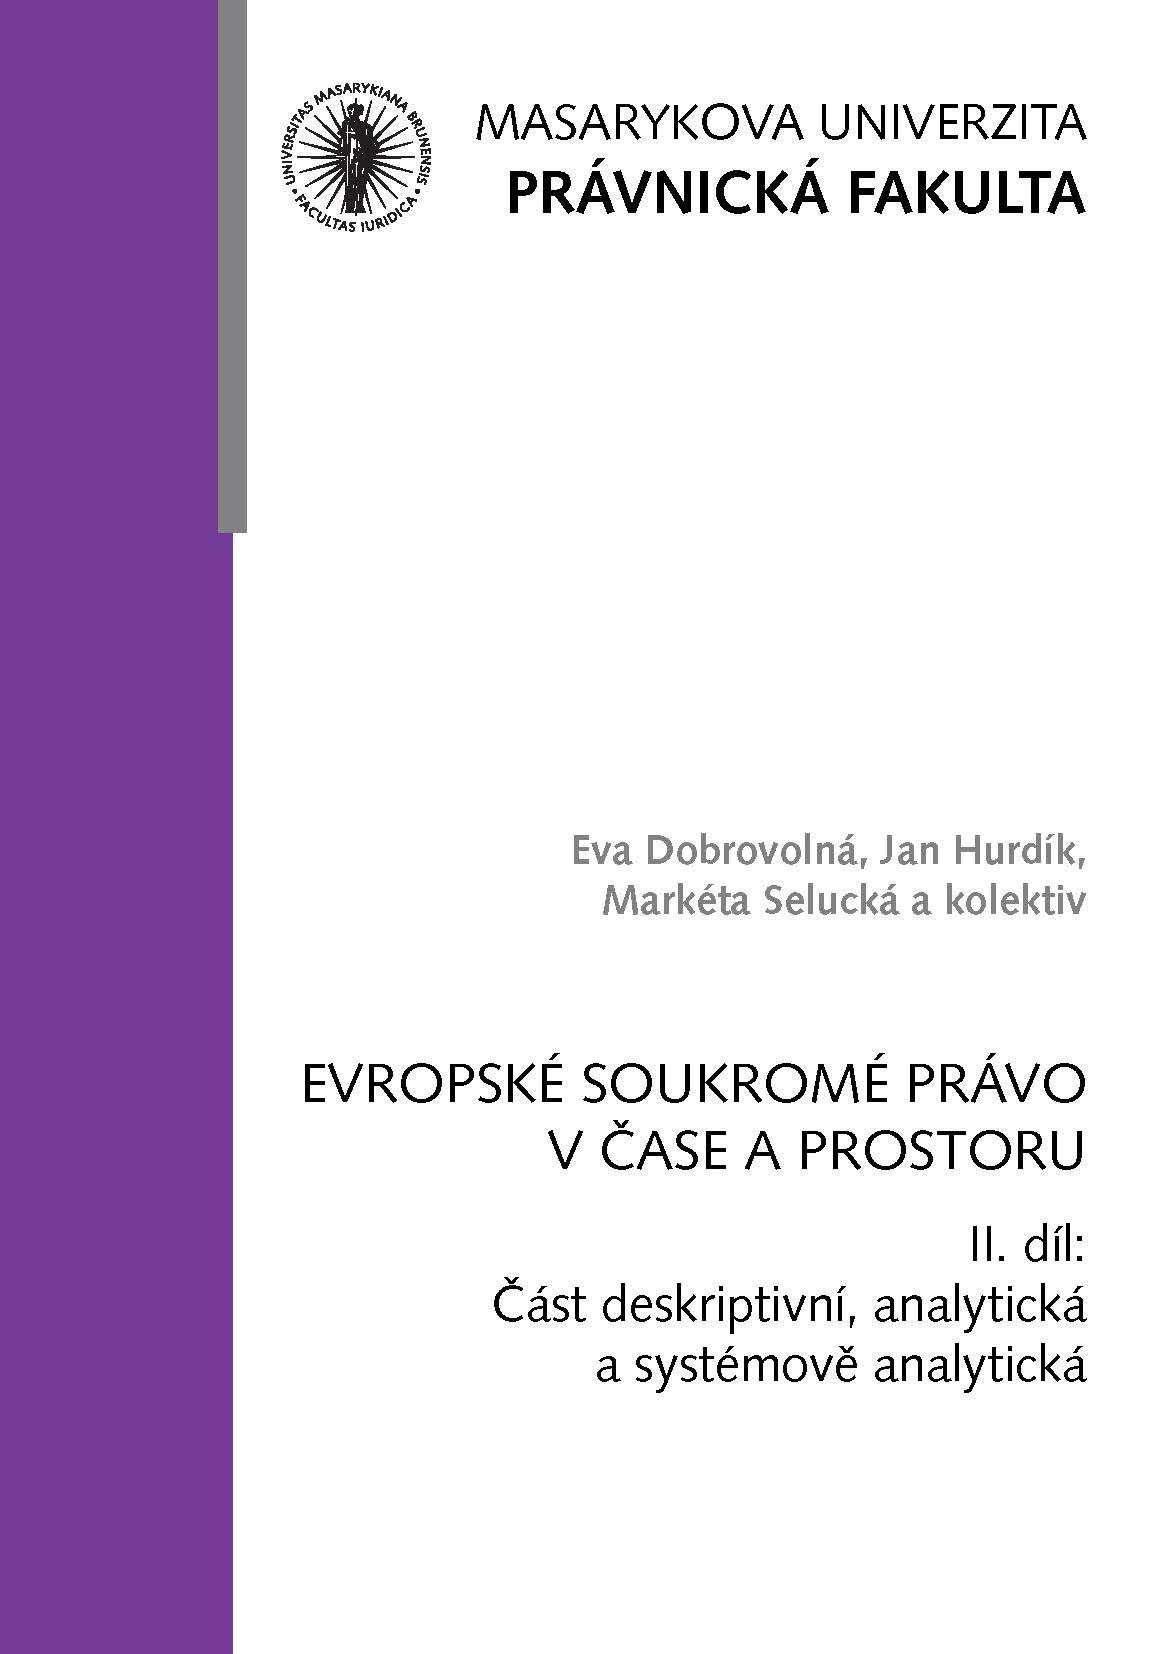 Obálka pro Evropské soukromé právo v čase a prostoru. II. díl: Část deskriptivní, analytická a systémově analytická